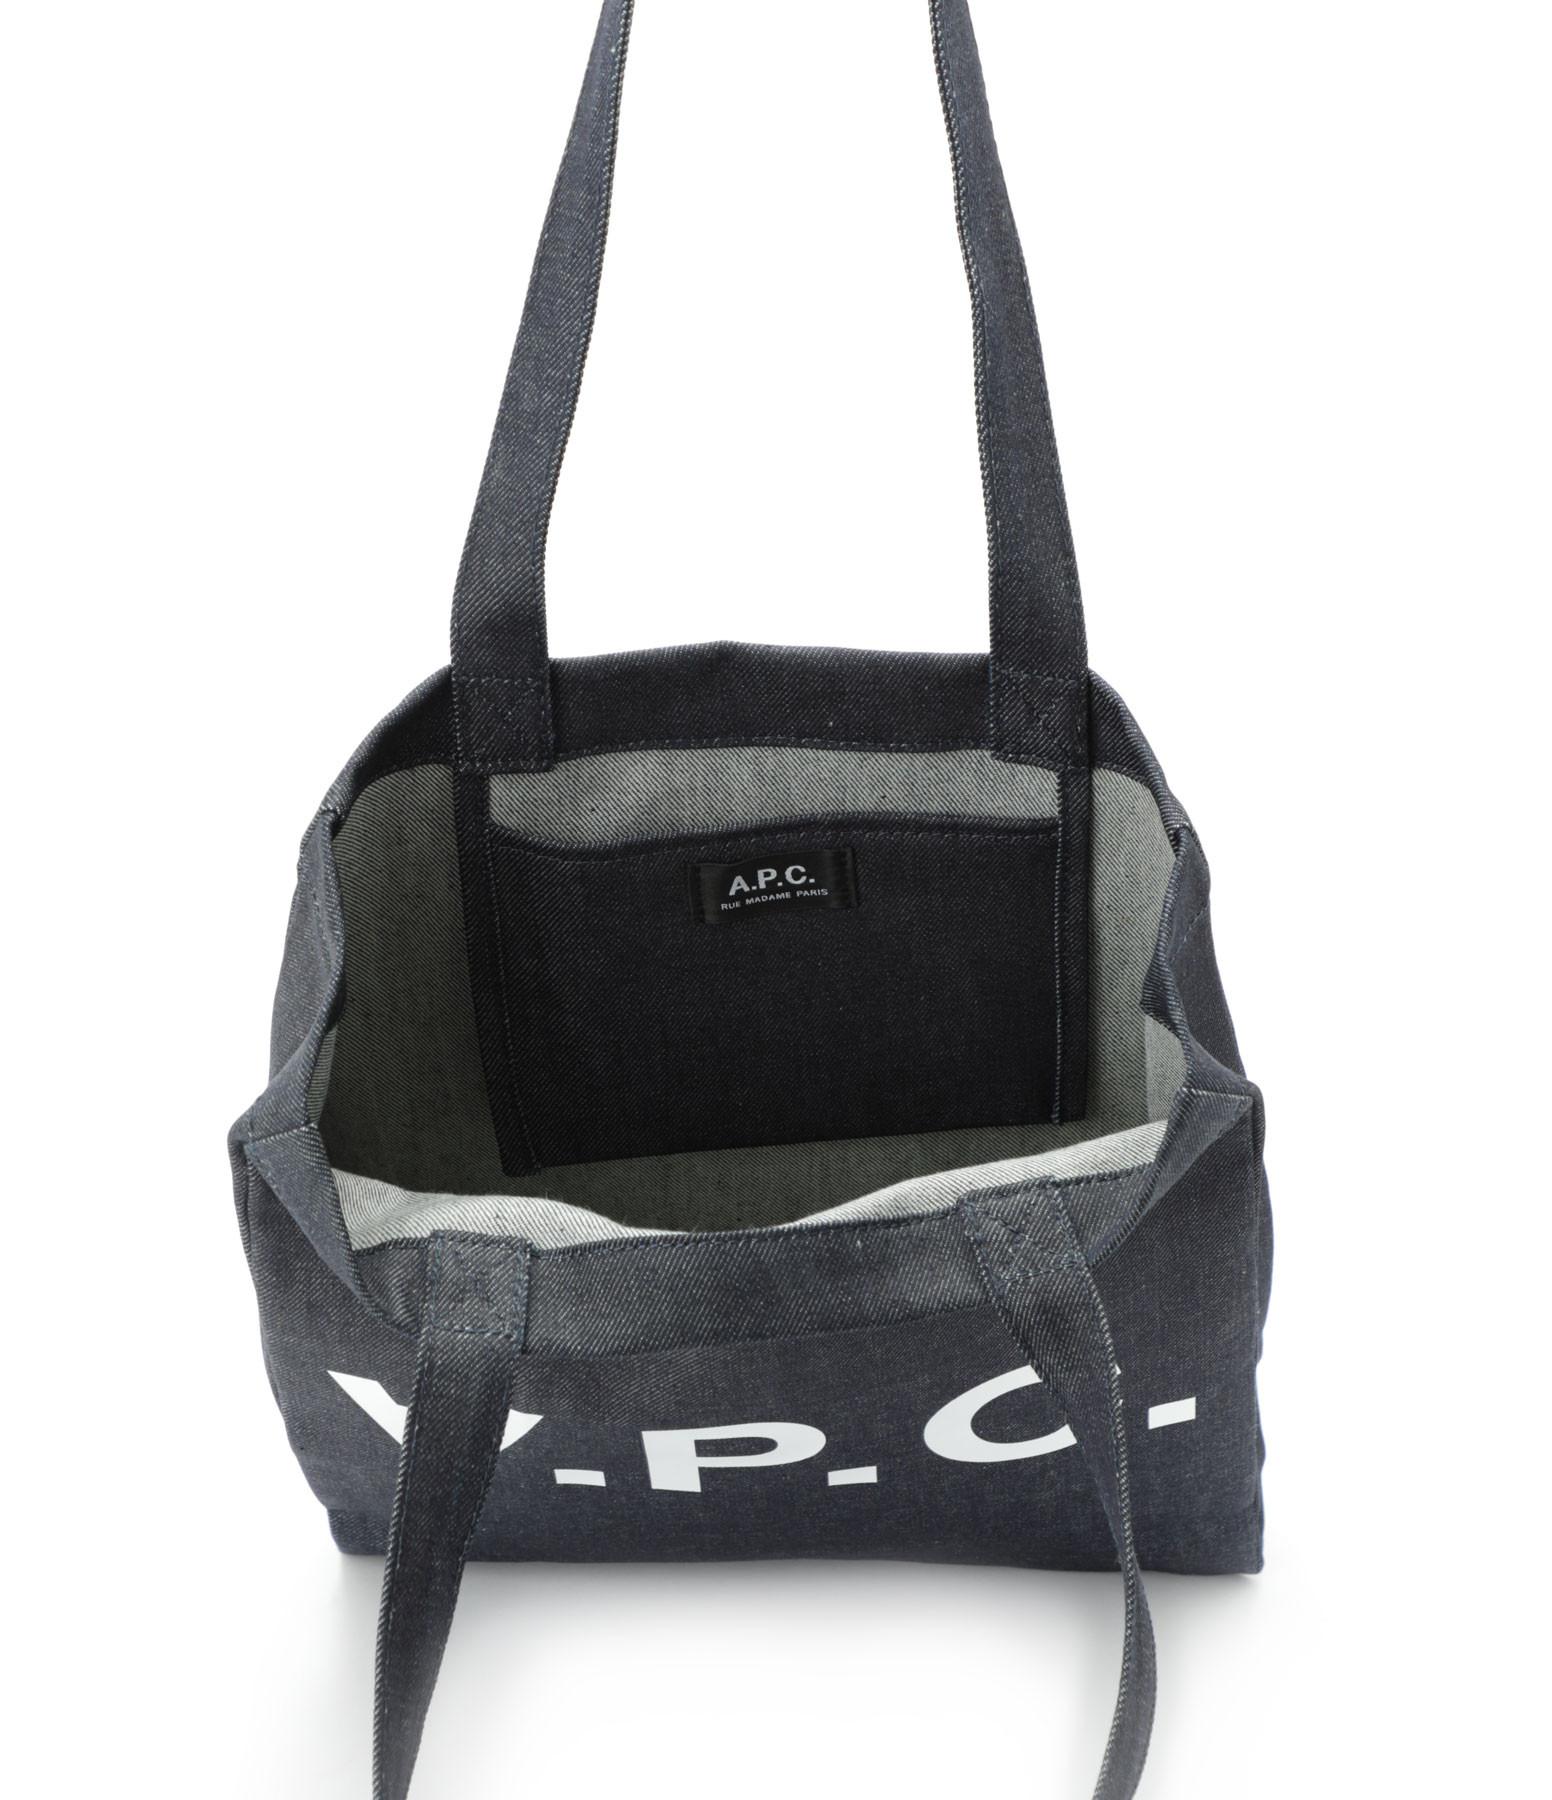 A.P.C. - Sac Tote Bag Laure Denim Indigo